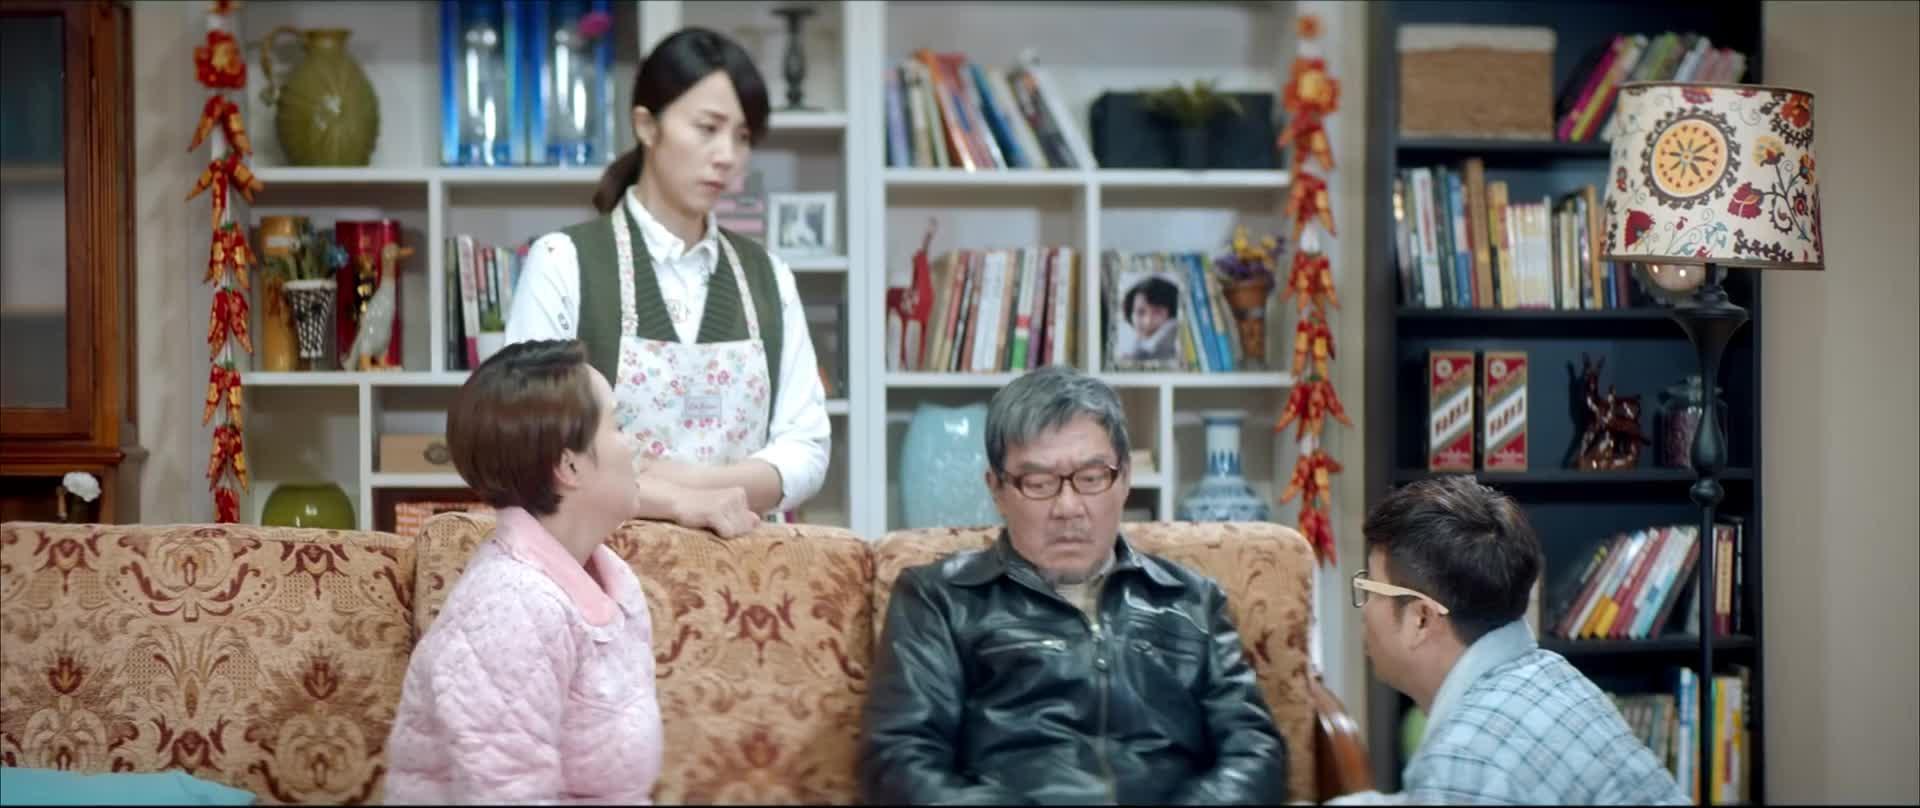 文锦辉忘记了潘素生日,便表示明日补个生日礼物